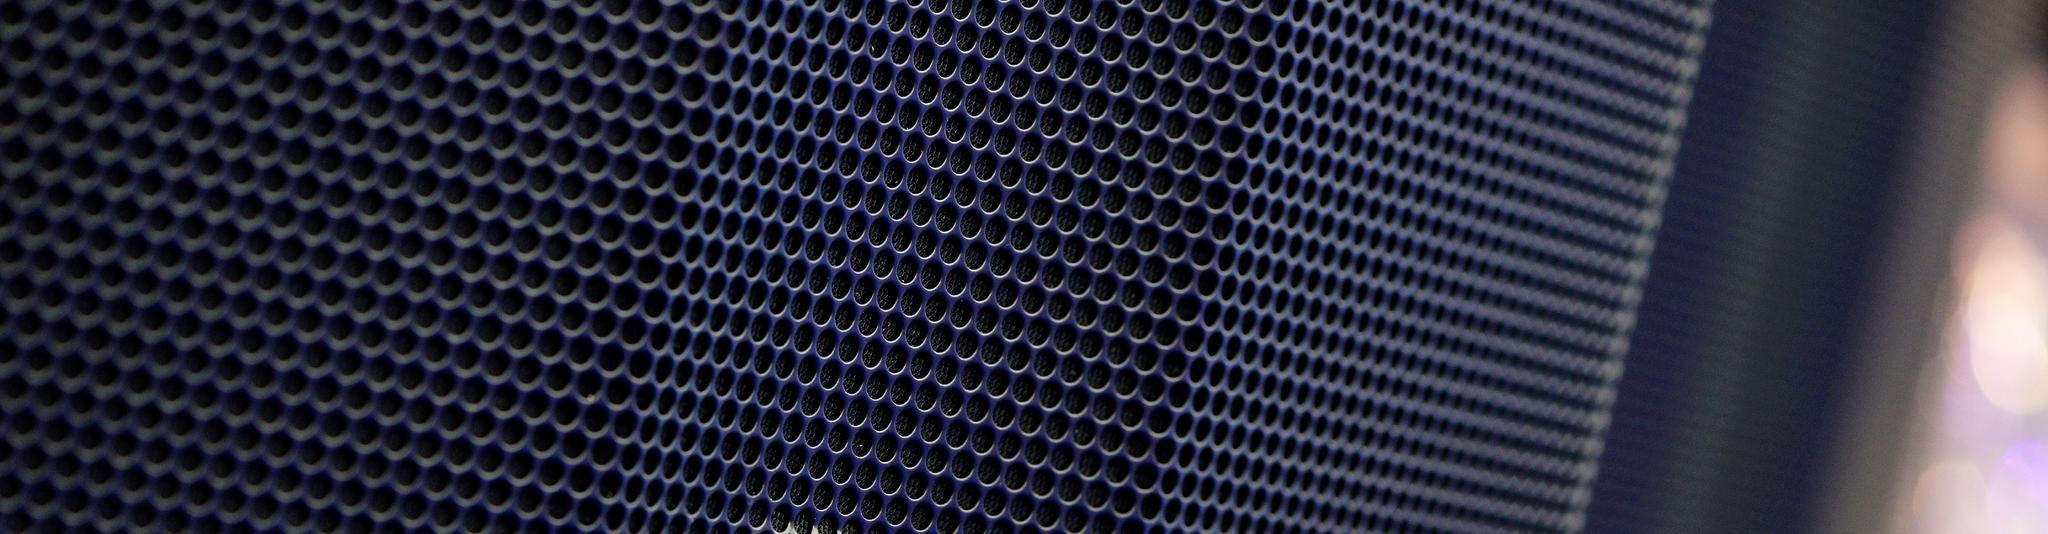 speaker close up